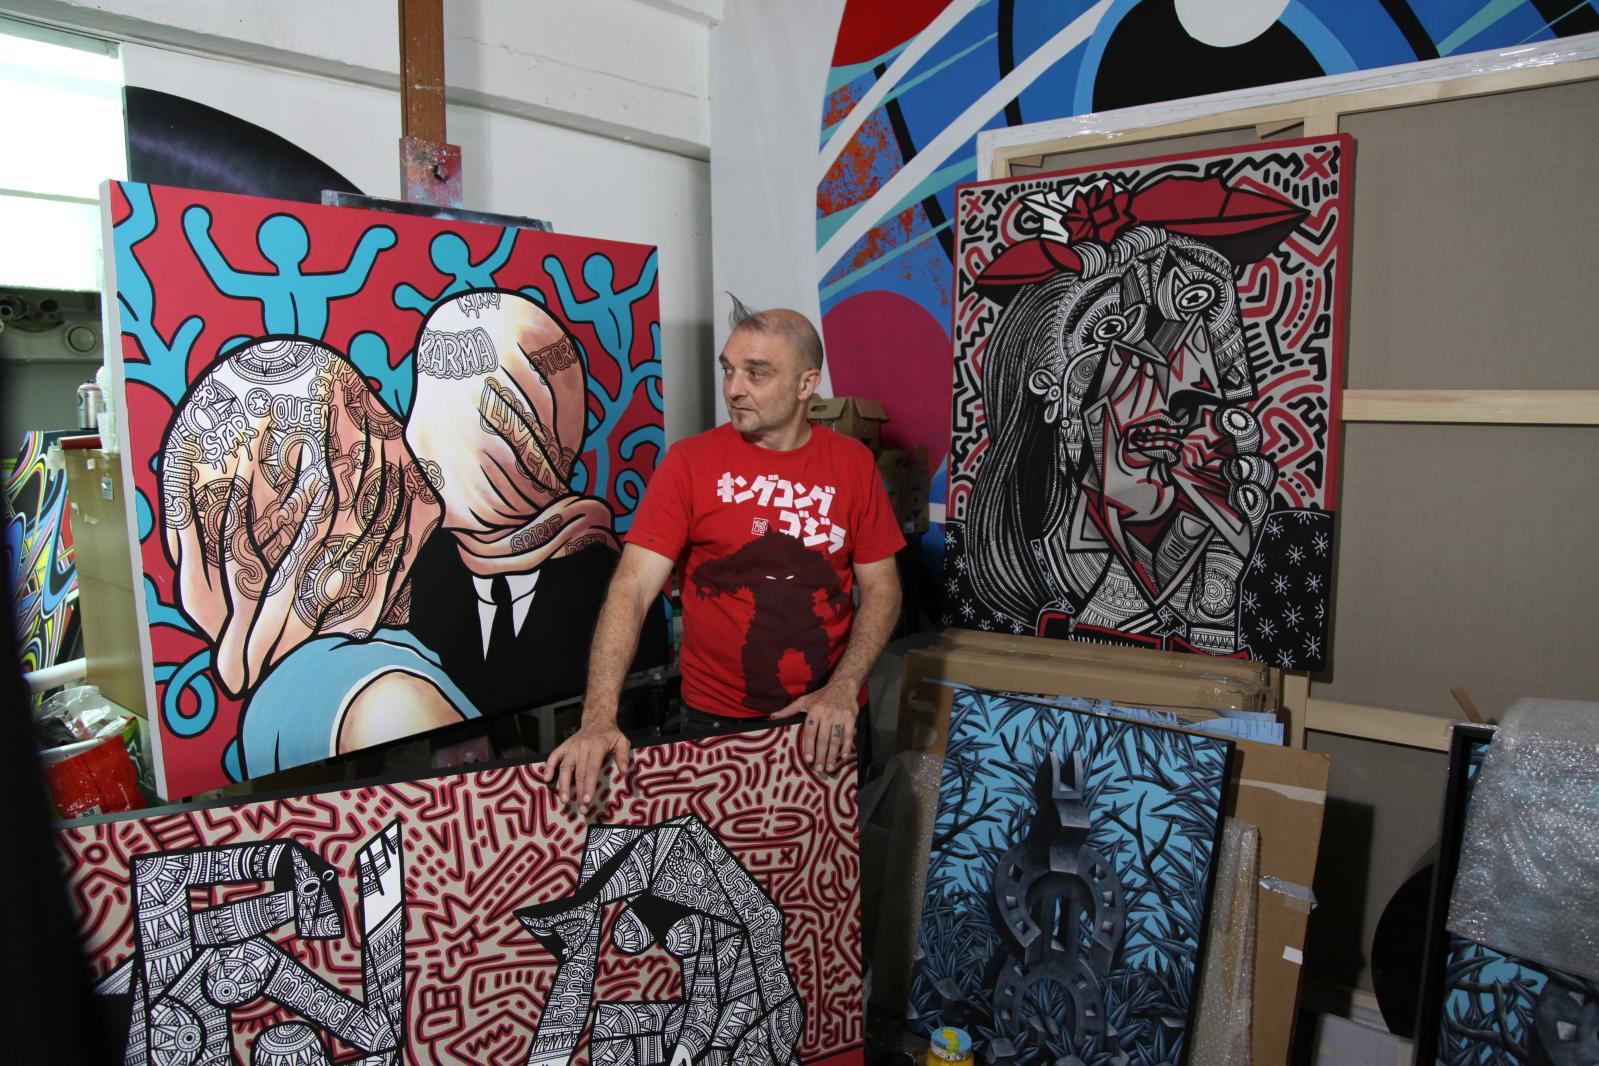 Speedy Graphito entouré de ses toiles inspirées de Picasso, Magritte, Haring… Photo Émilie Sajot